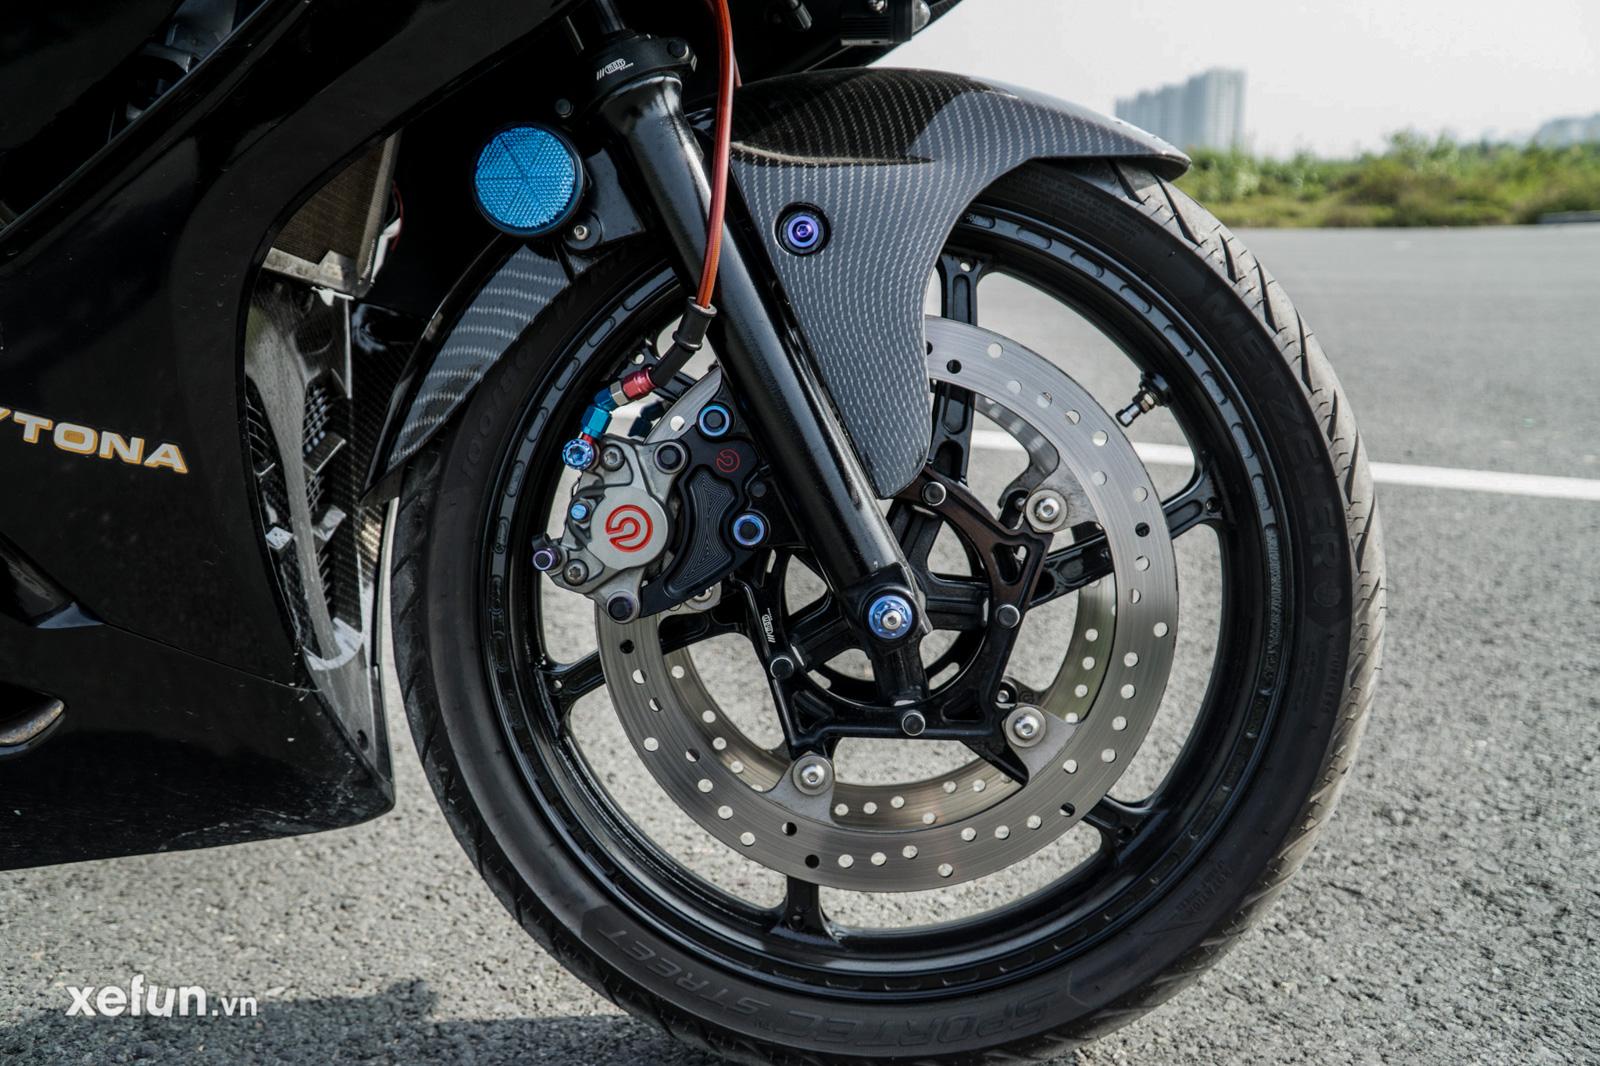 Suzuki GSX R150 độ pô và dàn áo từ Kỳ Chế Mủ cạnh tranh Yamaha R15 và Honda CBR150R 2021 của anh Nguyễn Anh Thọ trên Xefun